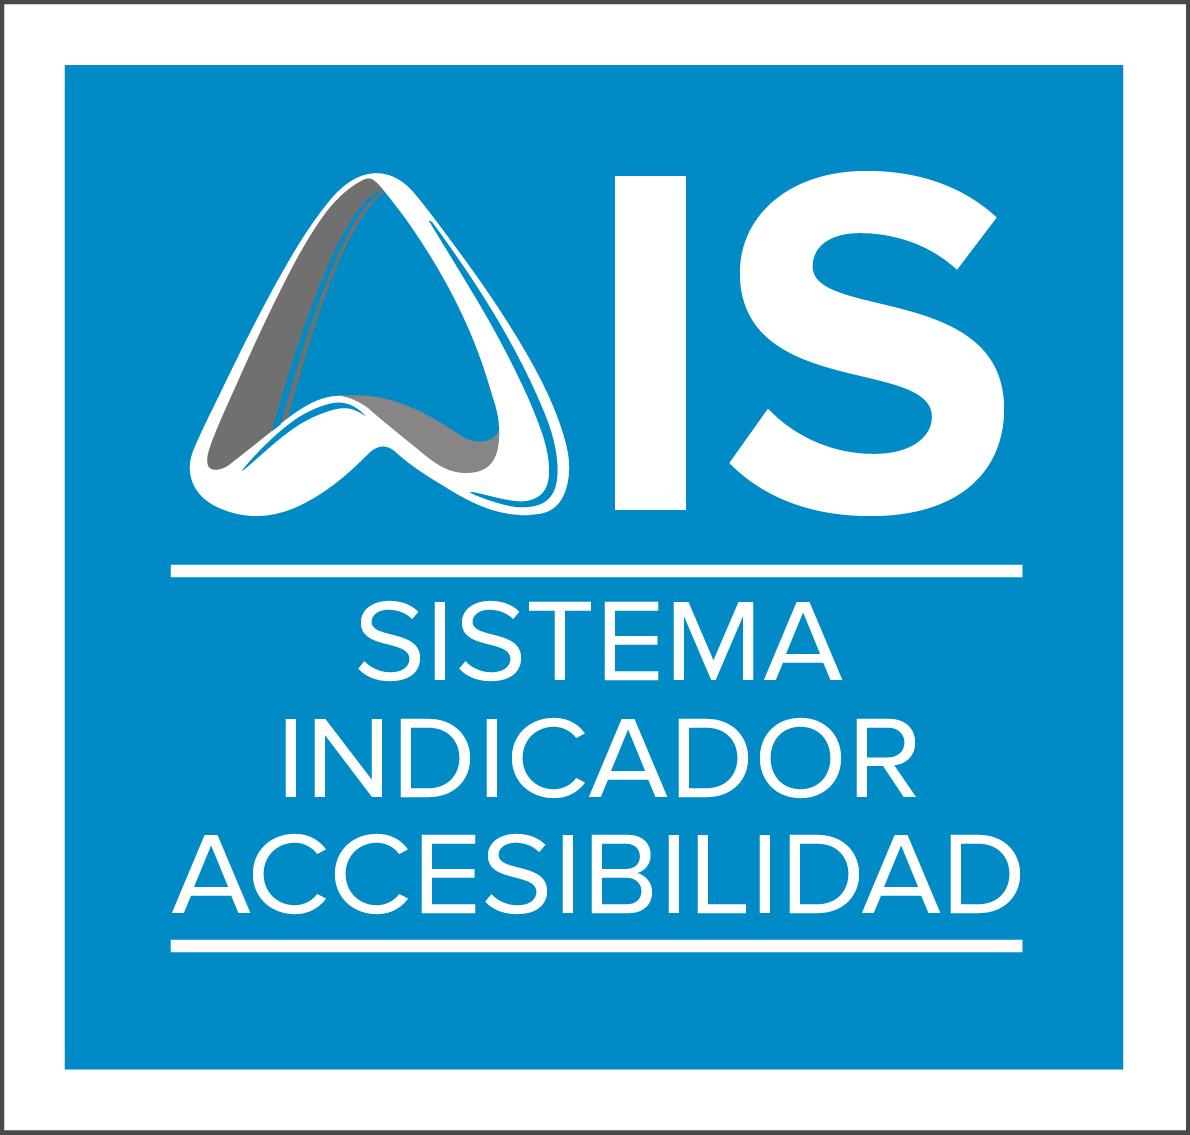 logotipo CUADRADO AIS ESPAÑOL